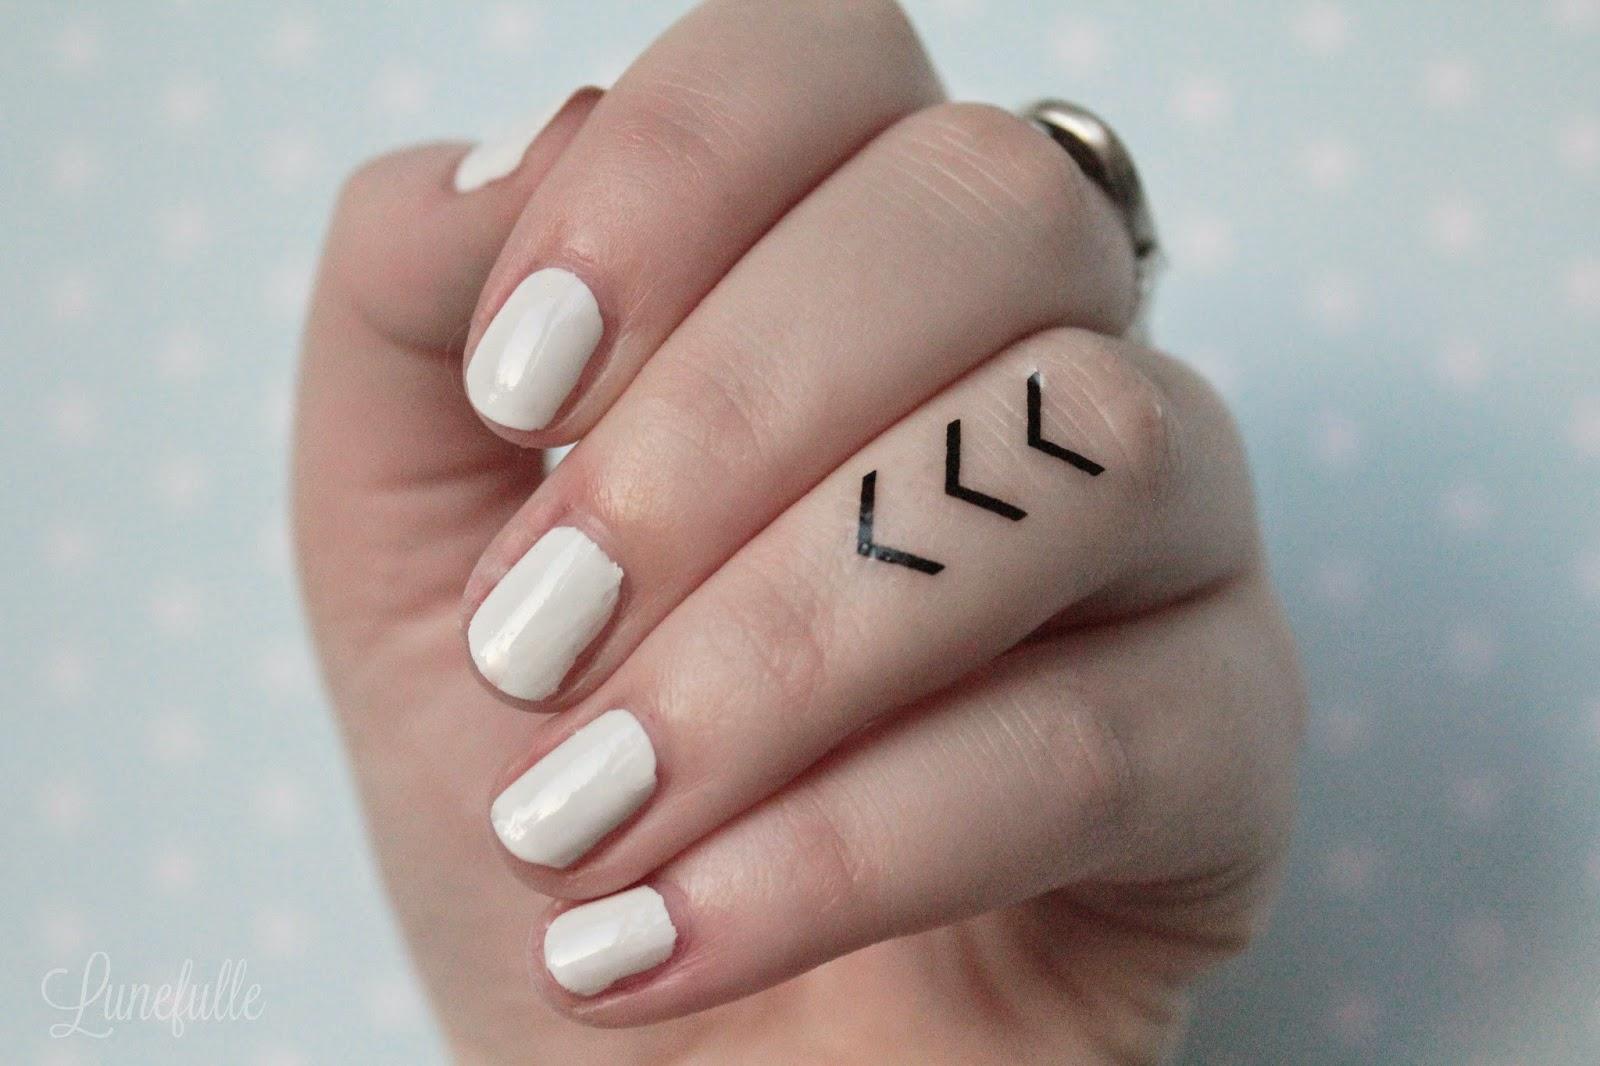 Grossiste en tatouages temporaires Notre usine de tatouage - Impression Tatouage Temporaire